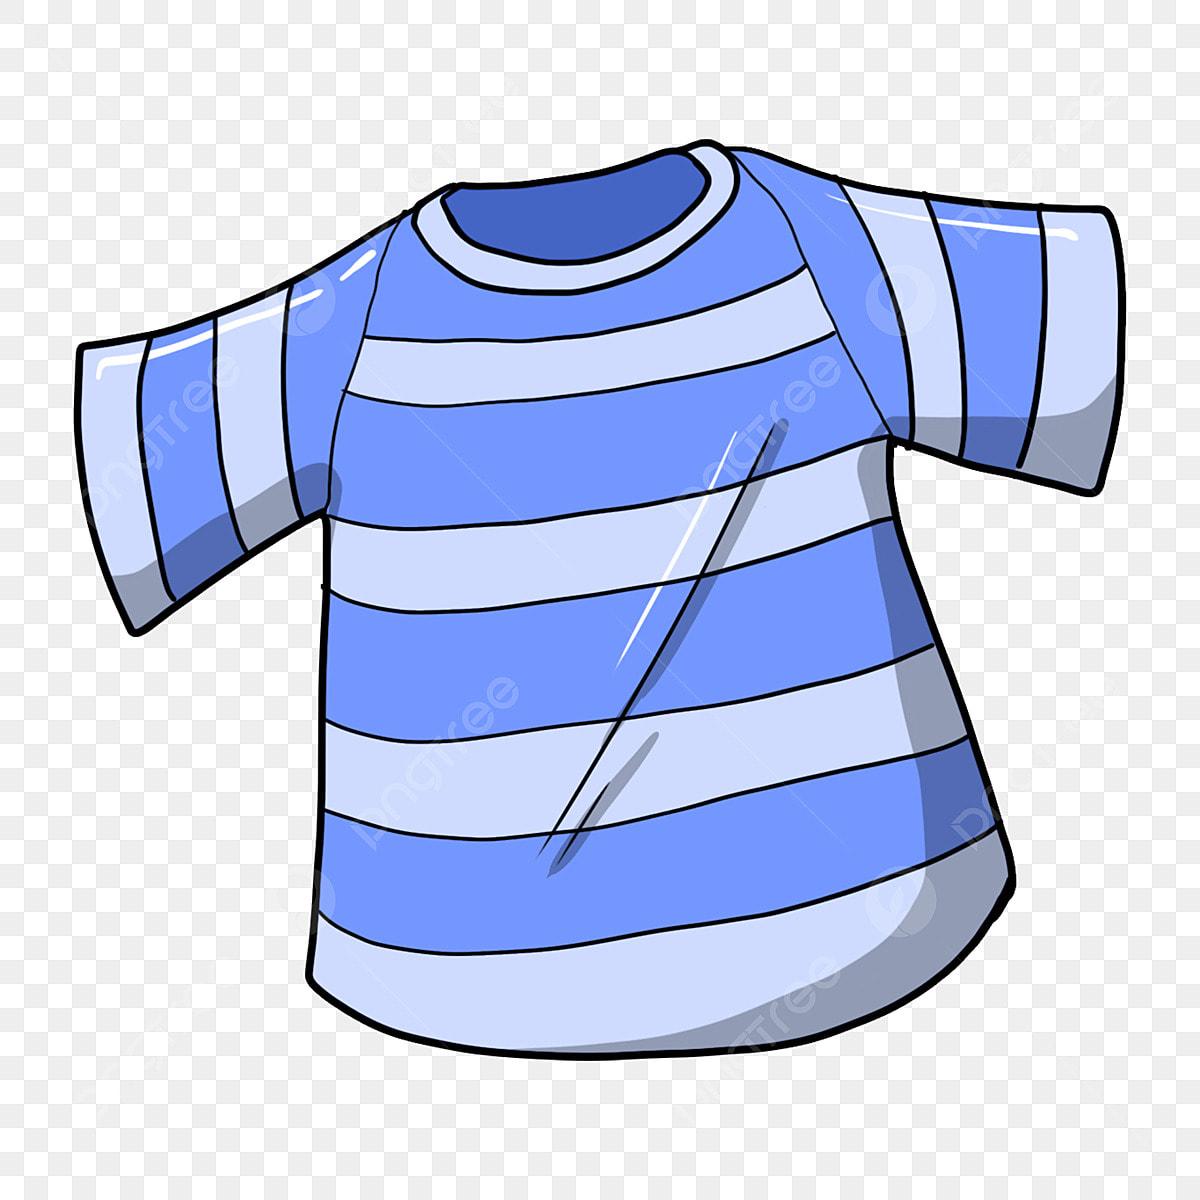 Png Transparent Library Bleu Tshirt Clip Art At Clker - Shirt Clipart |  Transparent PNG Download #1033746 - Vippng